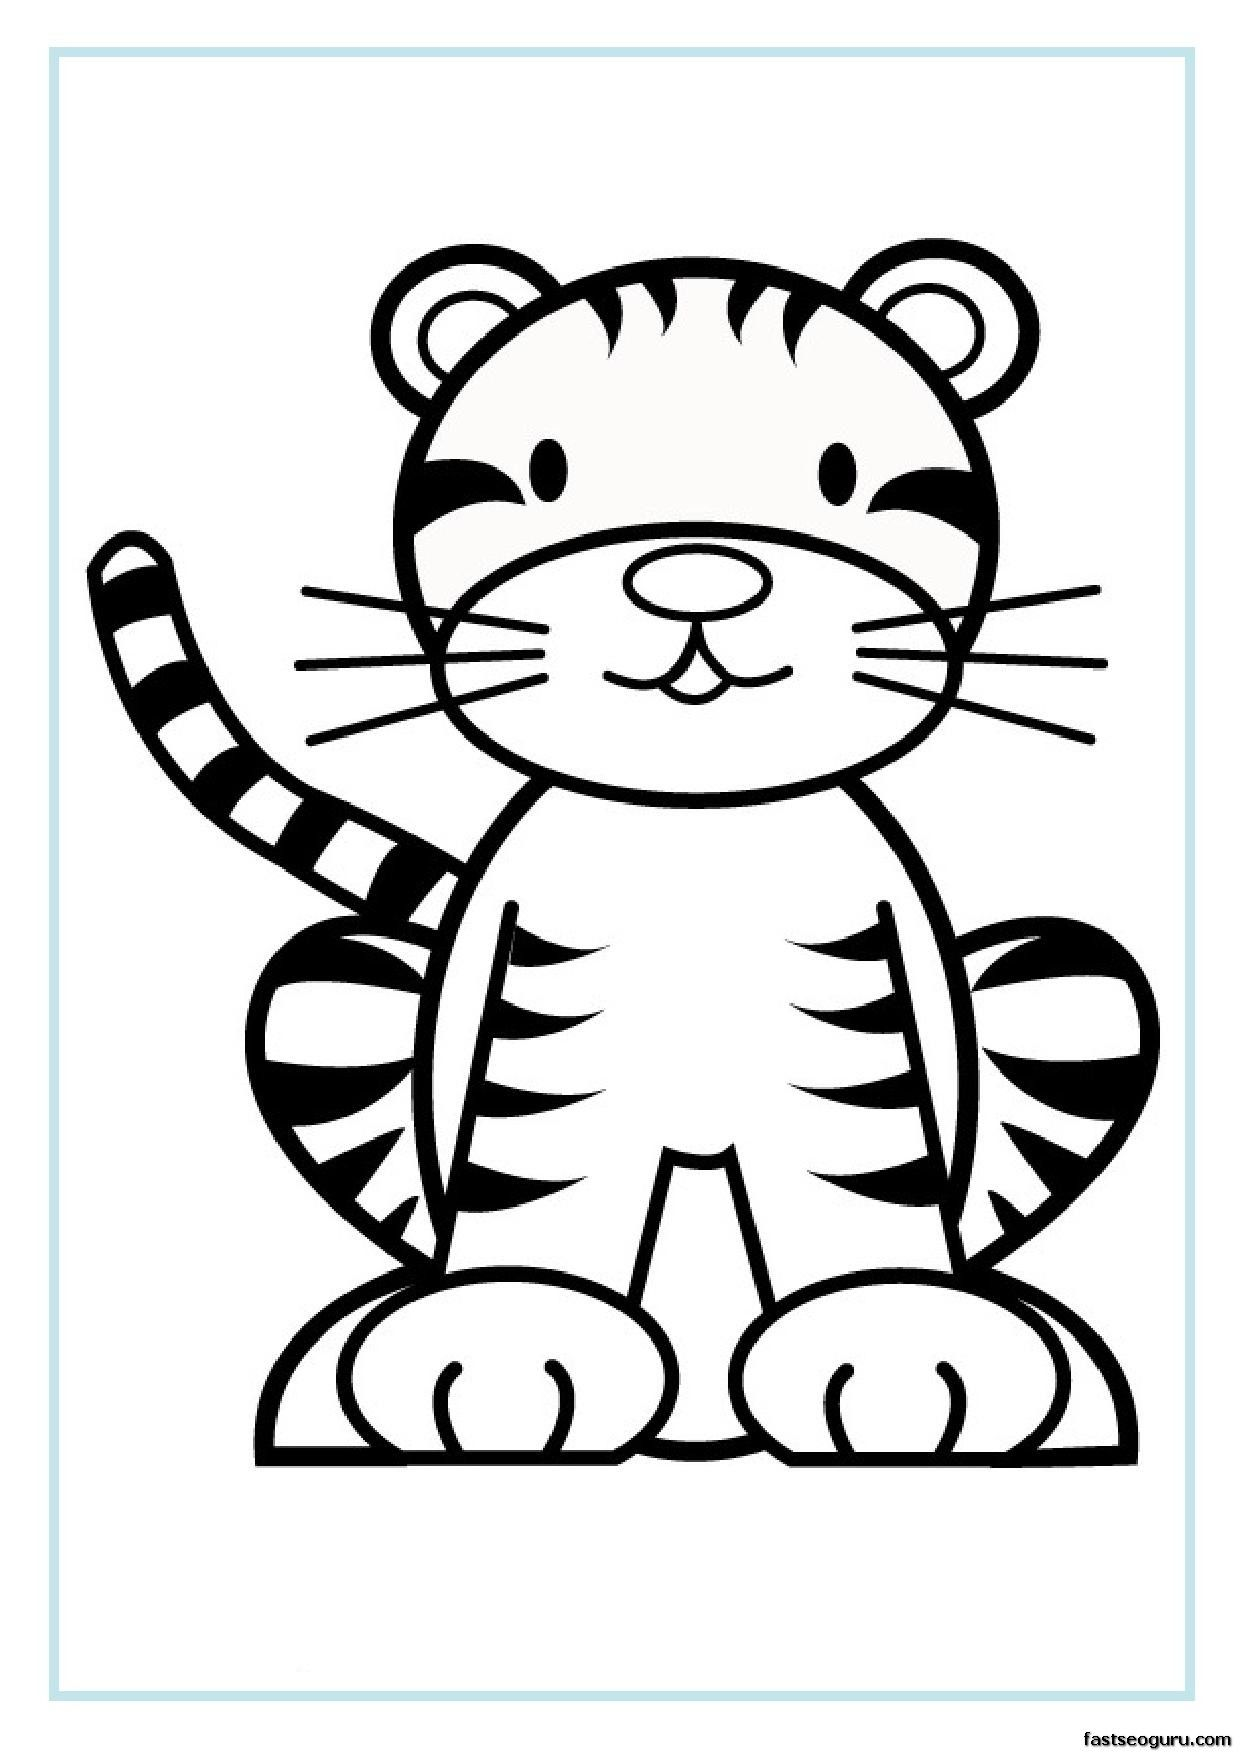 Tranh tô màu con hổ phong cách cartoon